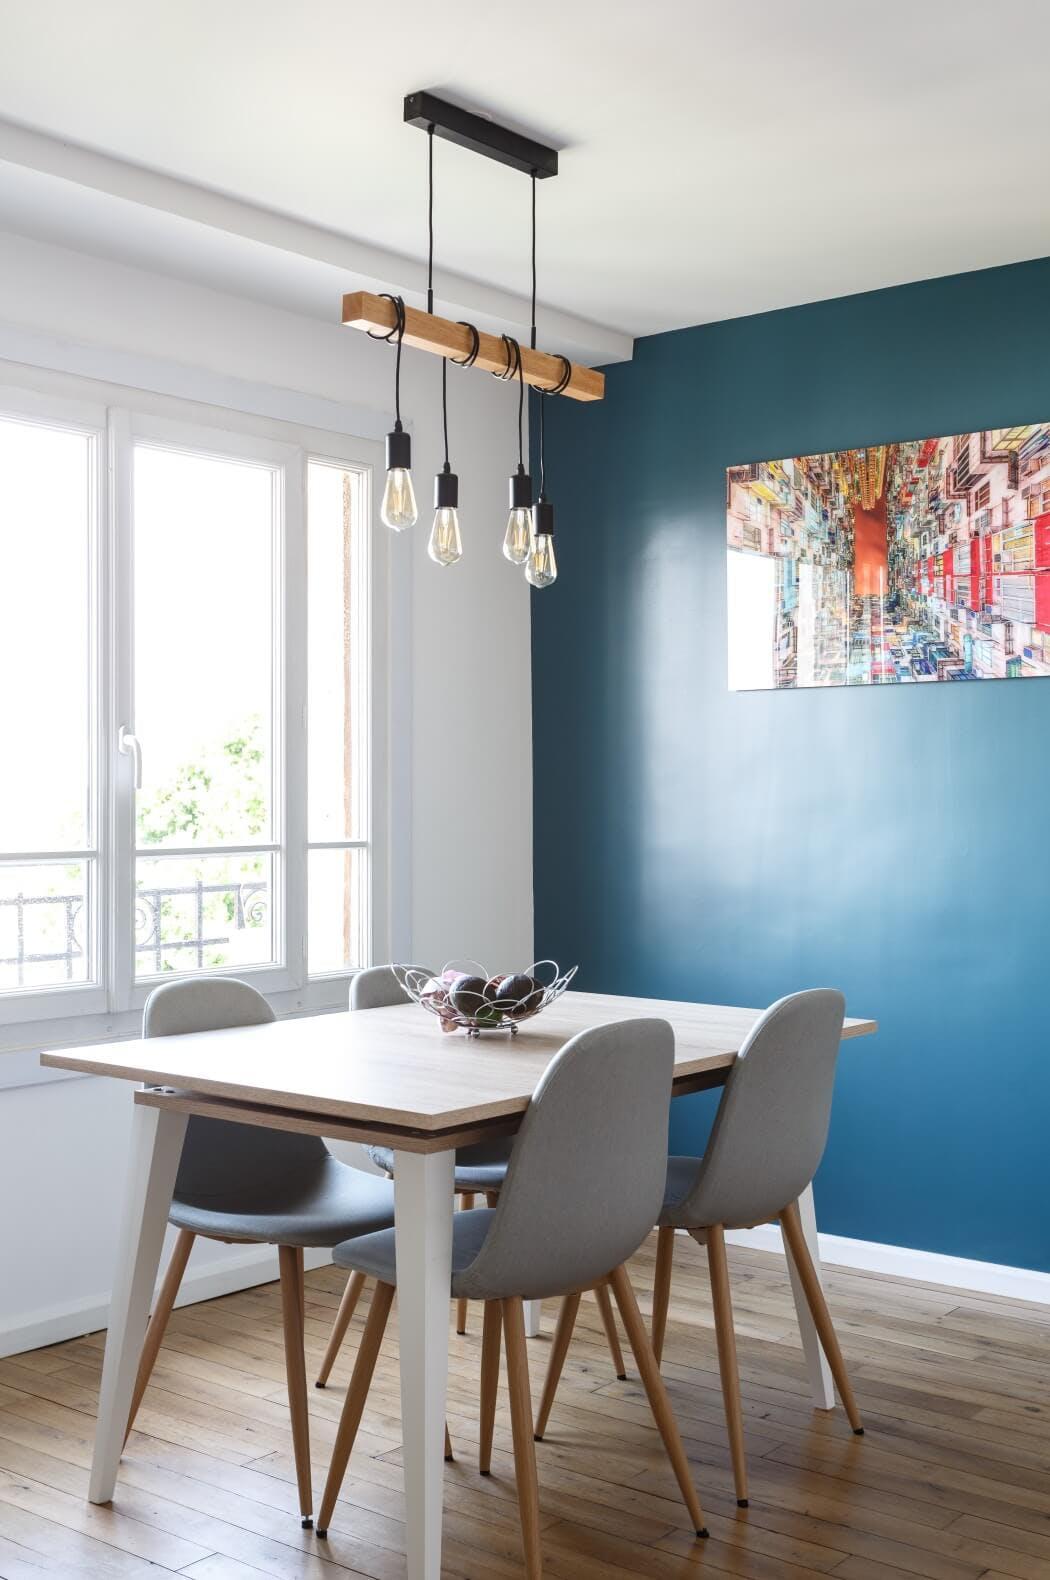 L'espace repas au style scandinave, avec un pan de mur couleur vert canard et un joli parquet